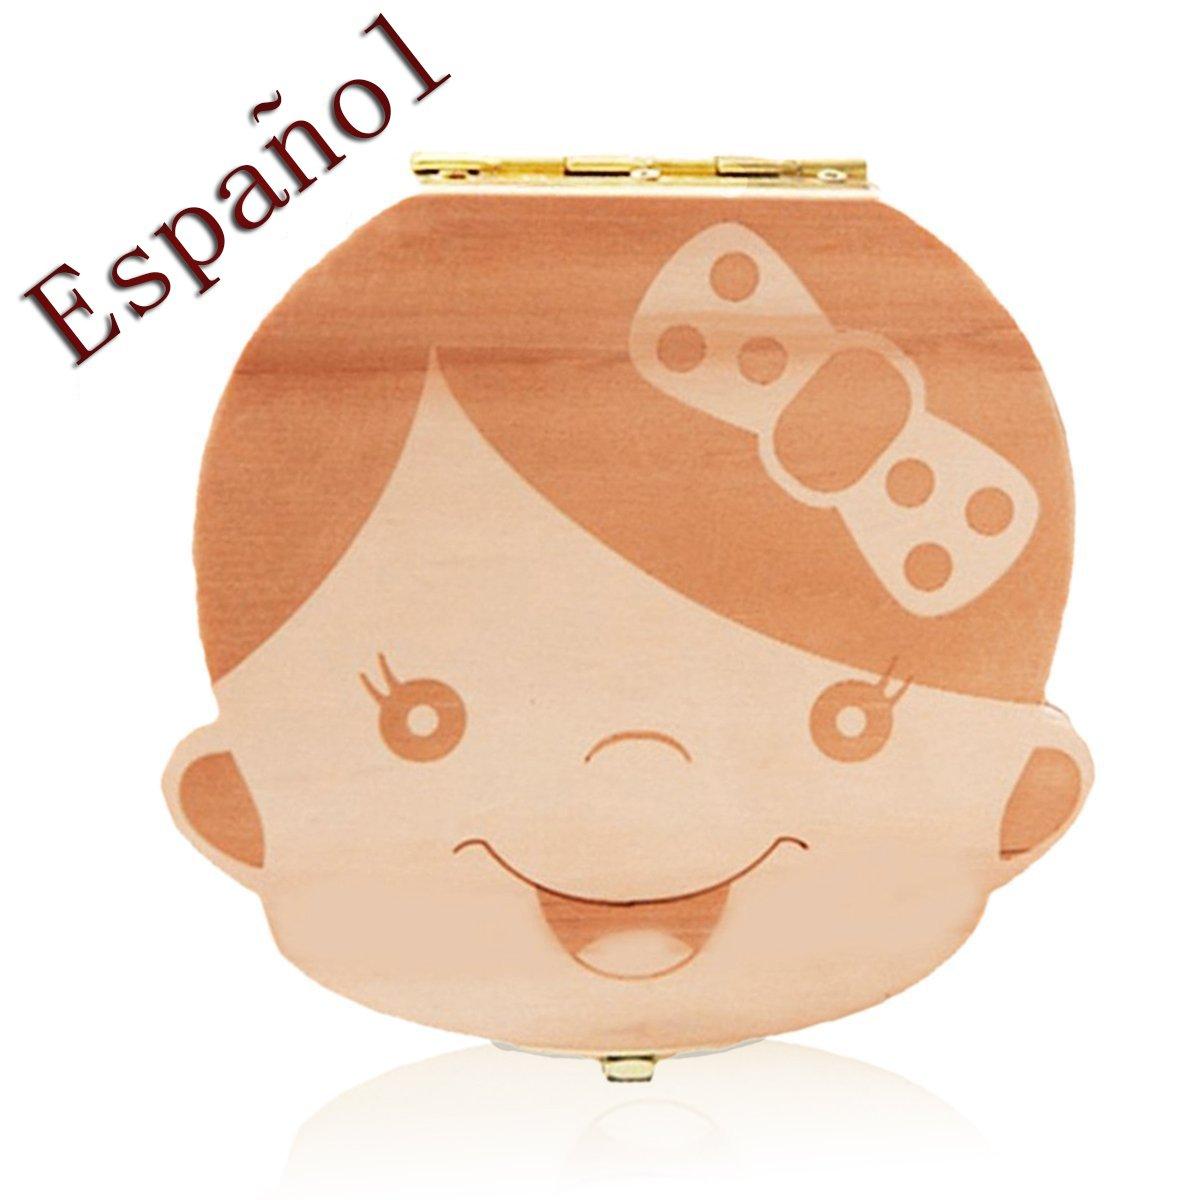 Leisial Caja de Almacenamiento de Dientes de Leche Souvenir Caja Guardar Madera Diente Organizador de la Caja para Niños Niñas Bebé 1pc(Español) product image